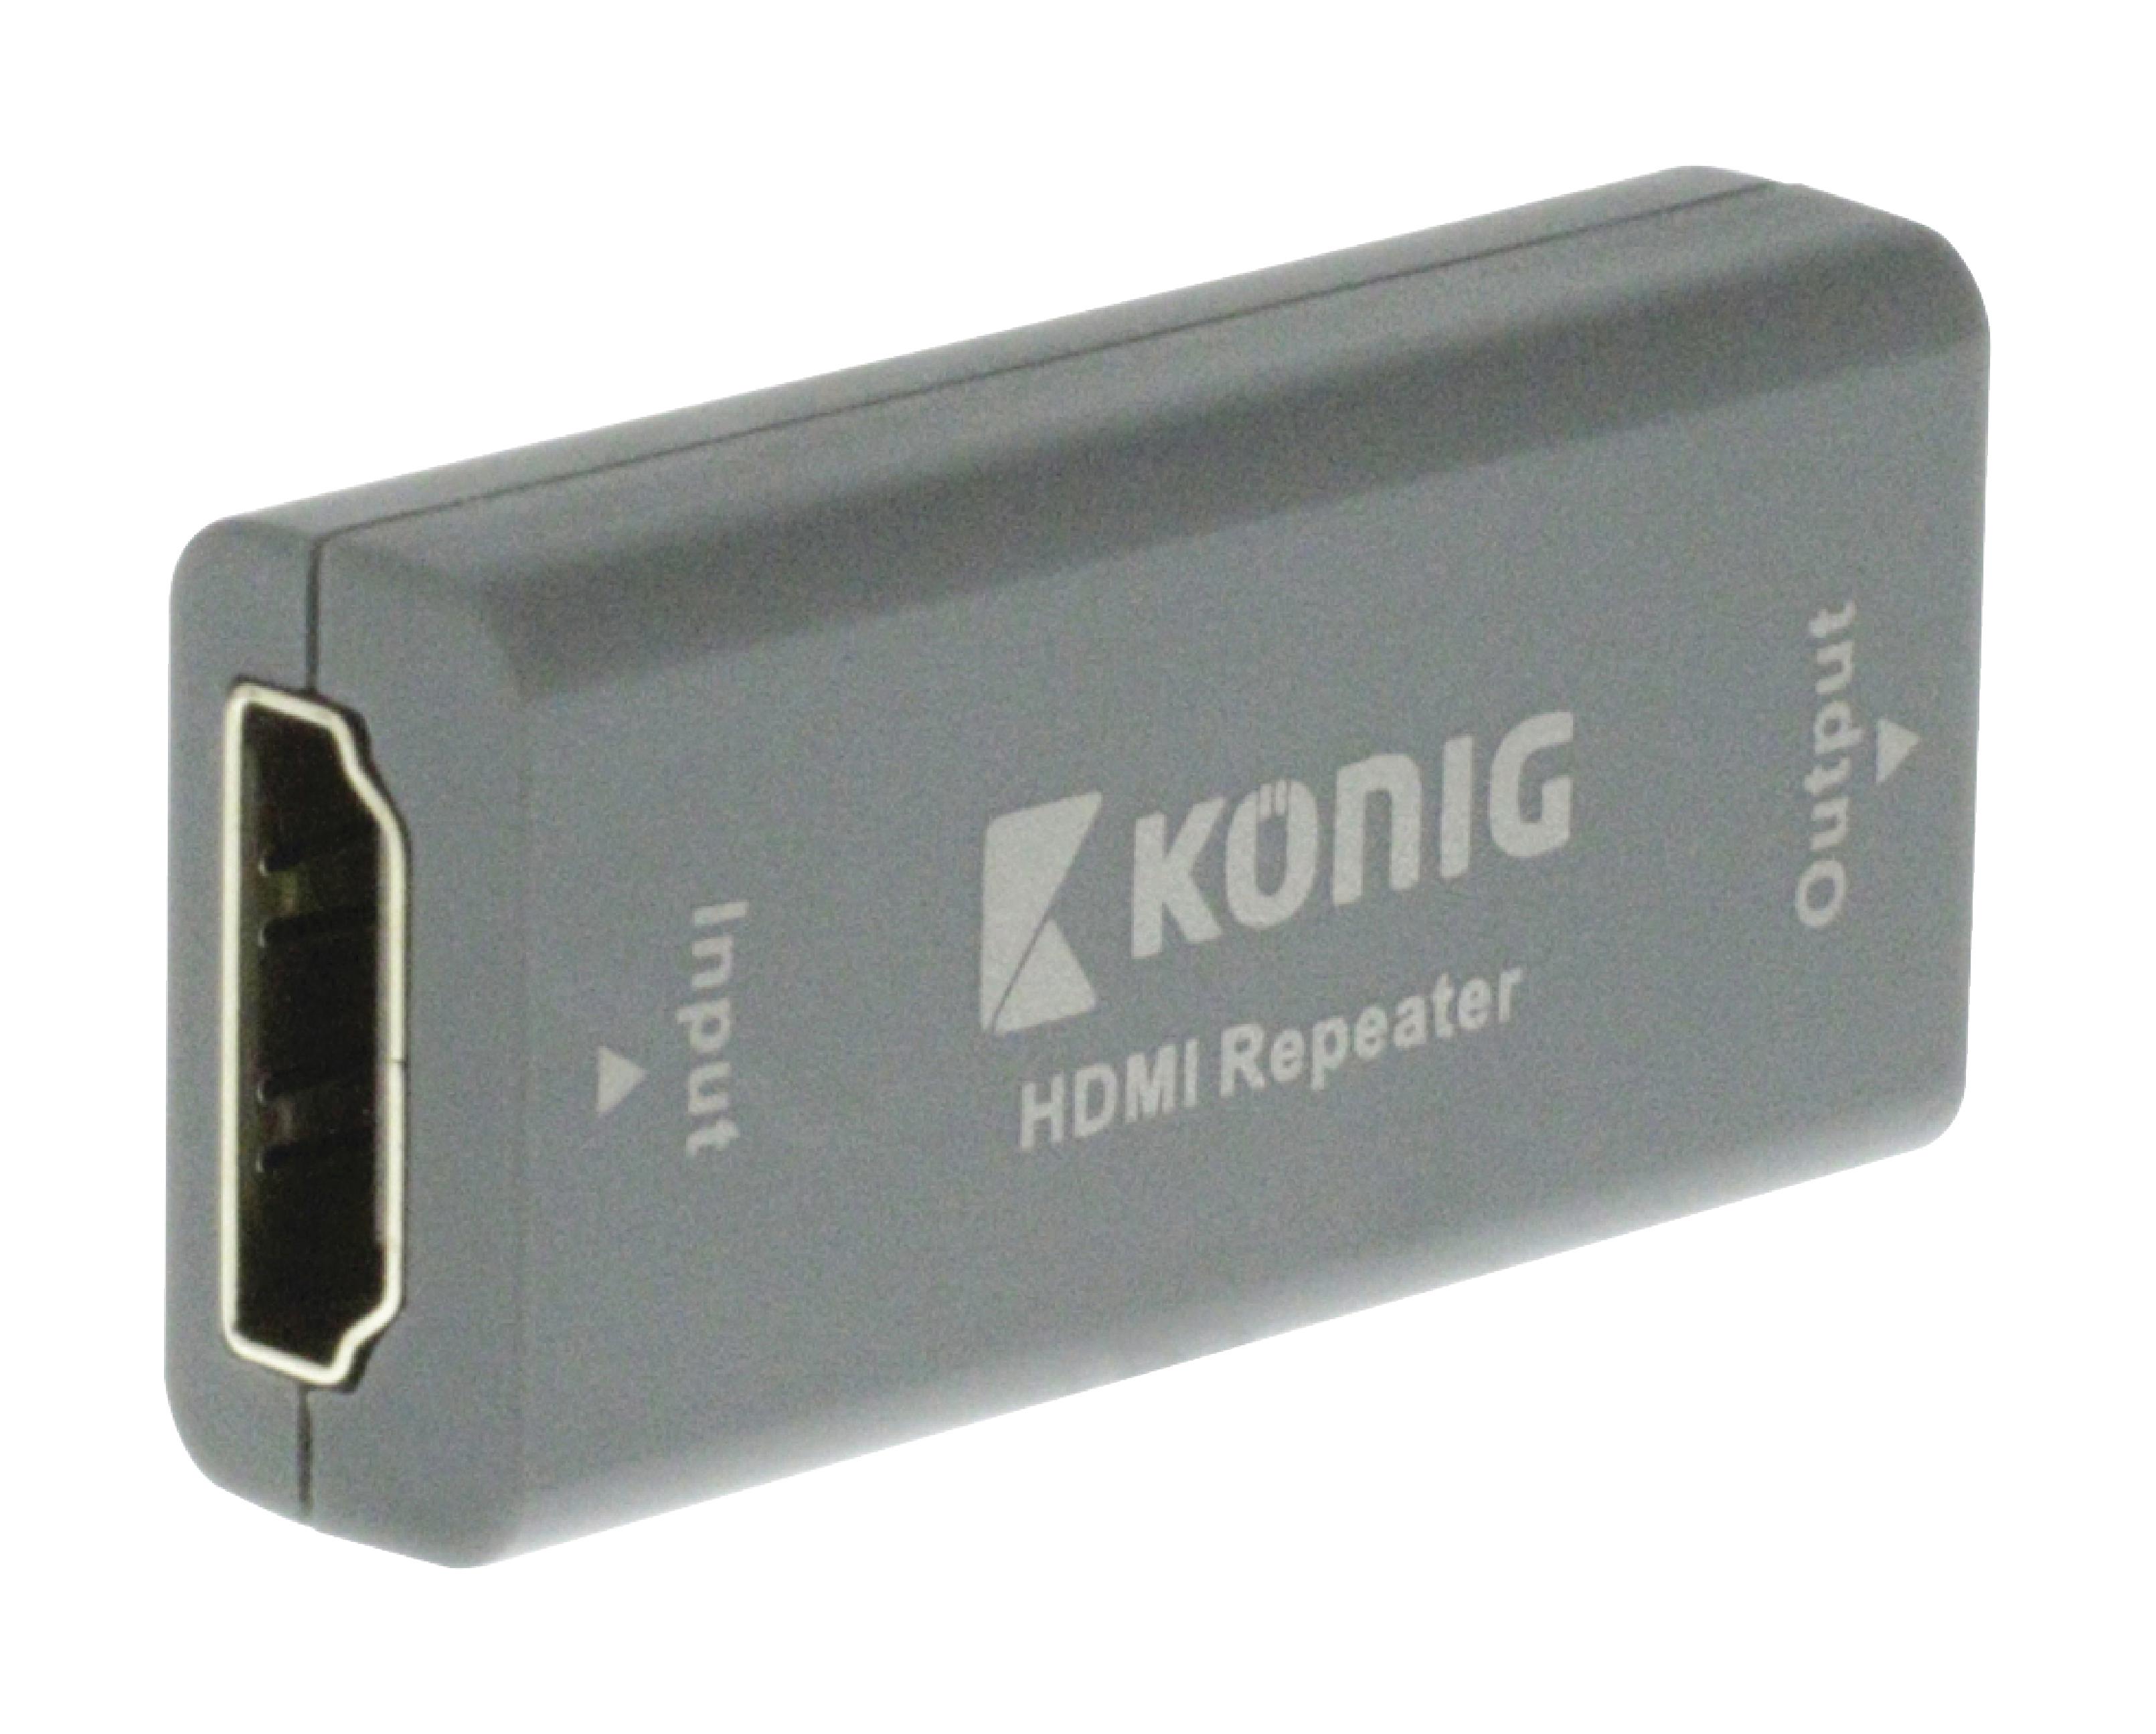 HDMI-repeater 20 m